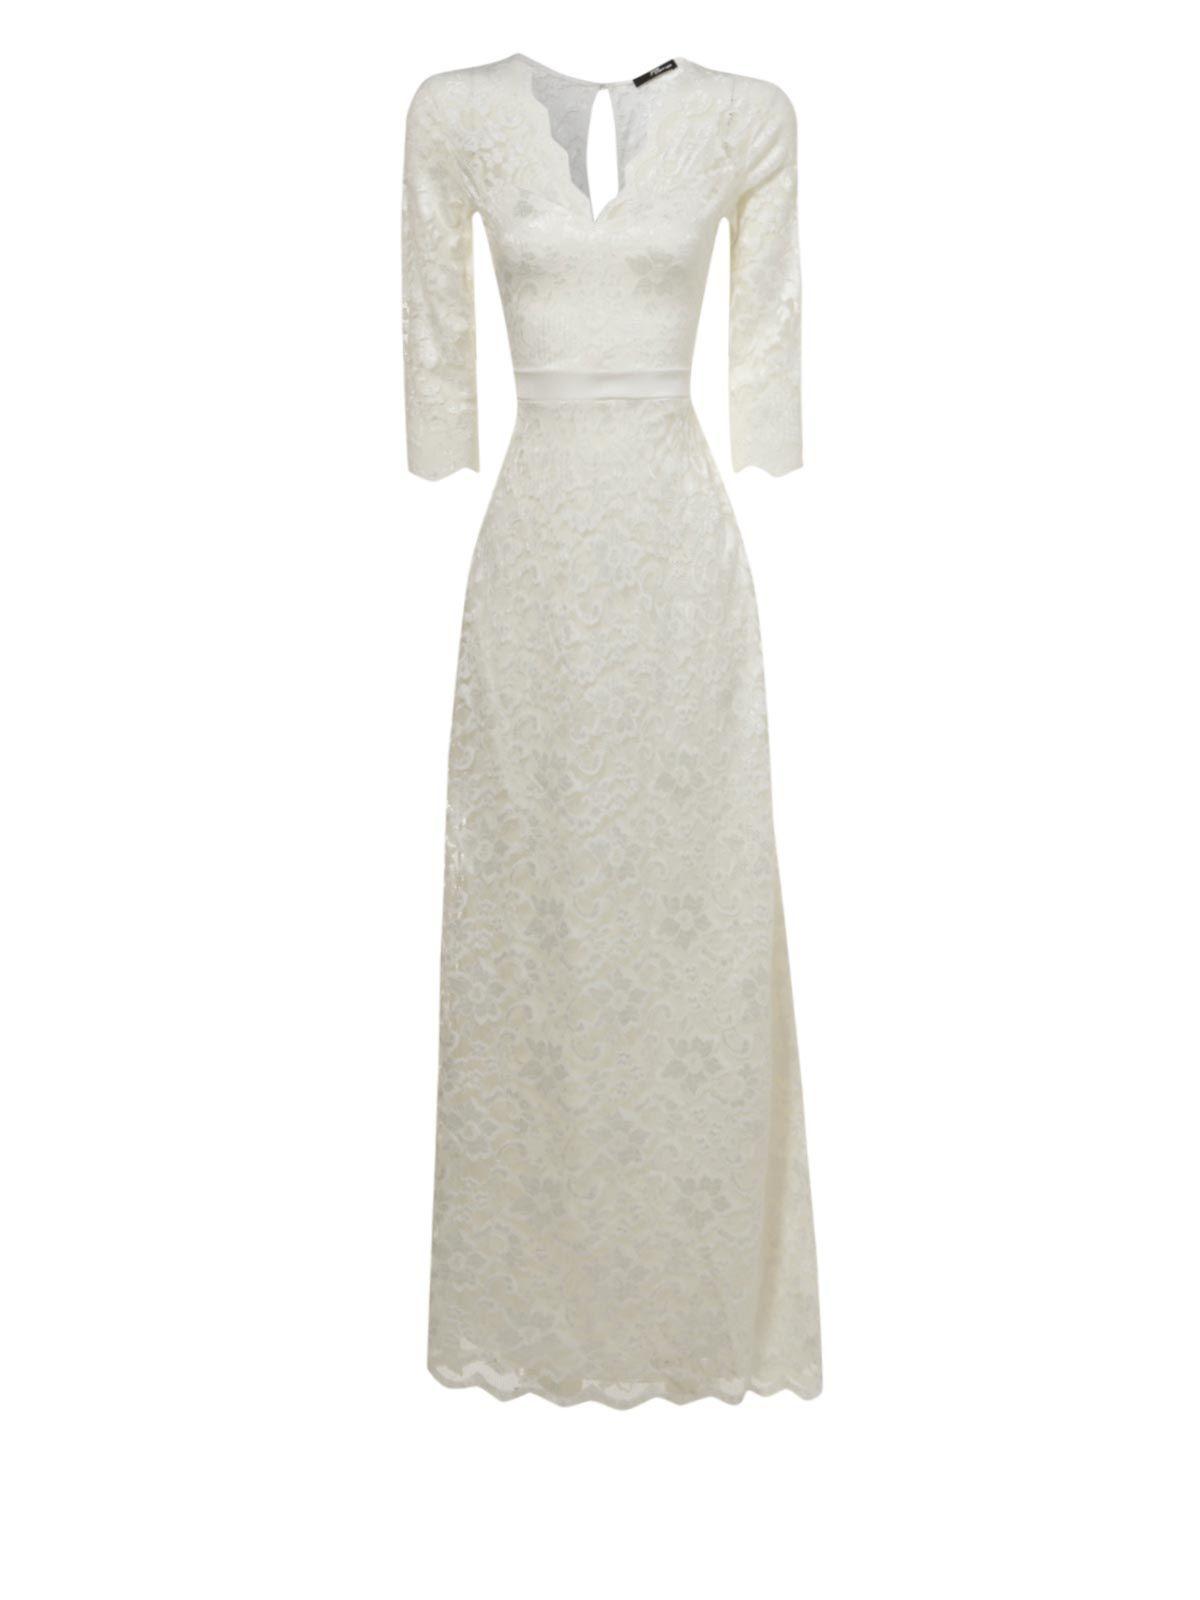 Lace maxi dress jane norman vestidos pinterest lace maxi